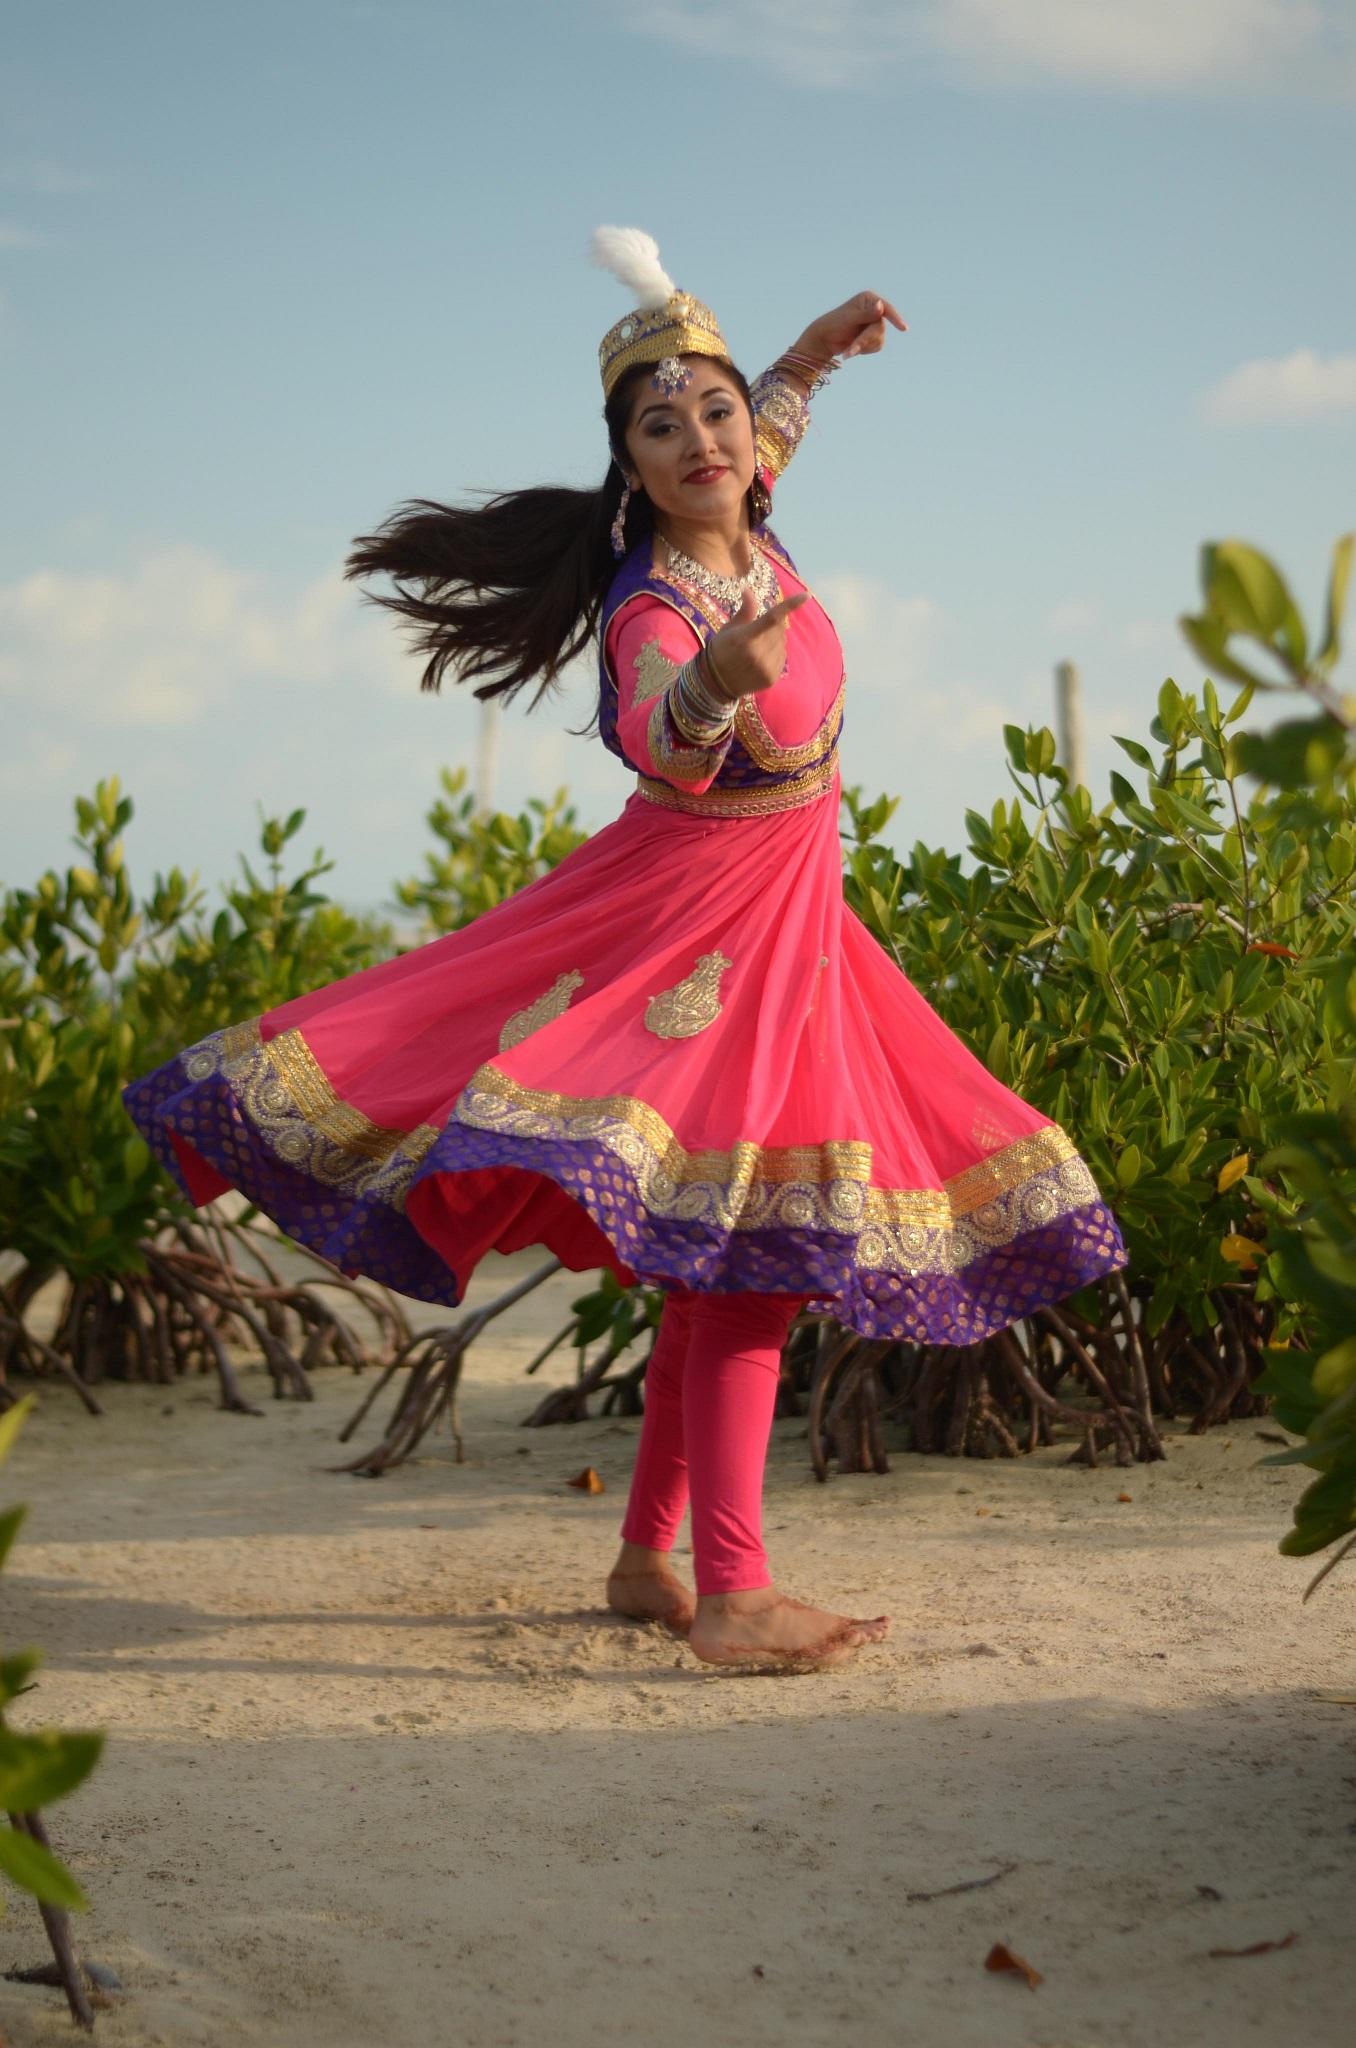 Anarkali costume